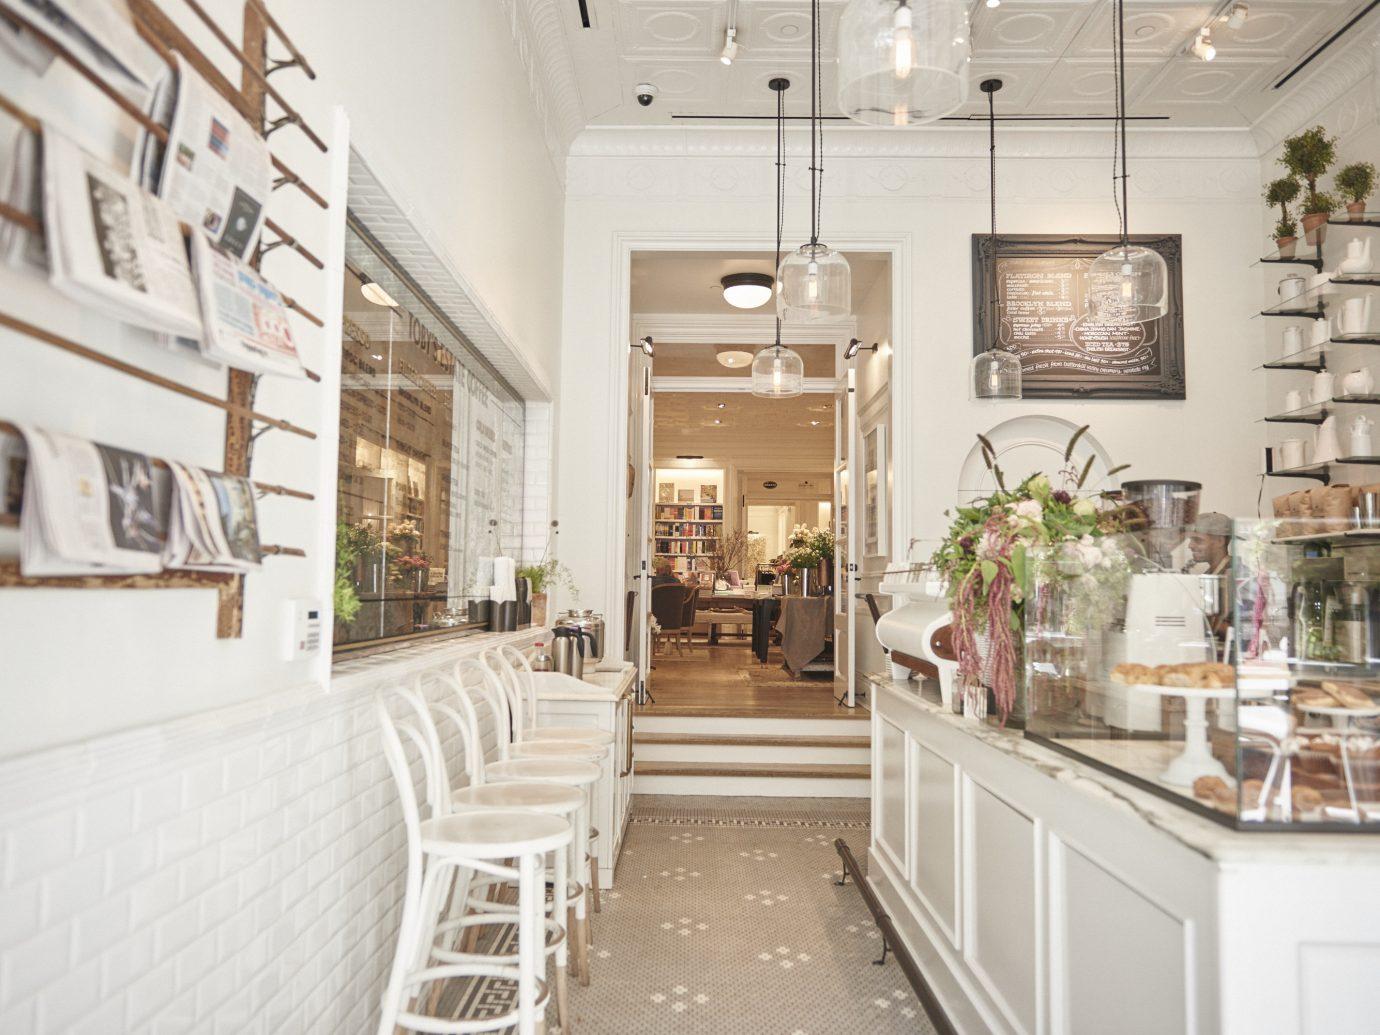 Food + Drink indoor room property home estate floor interior design real estate living room Design flooring Kitchen apartment furniture